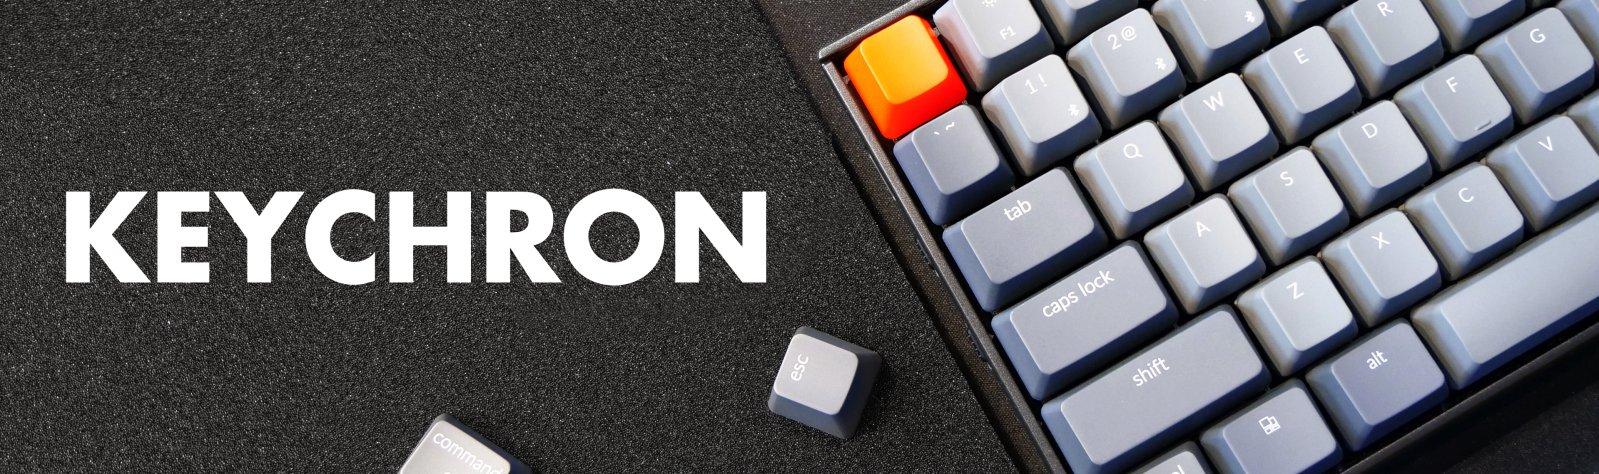 Keychron klaviatūrų apžvalga